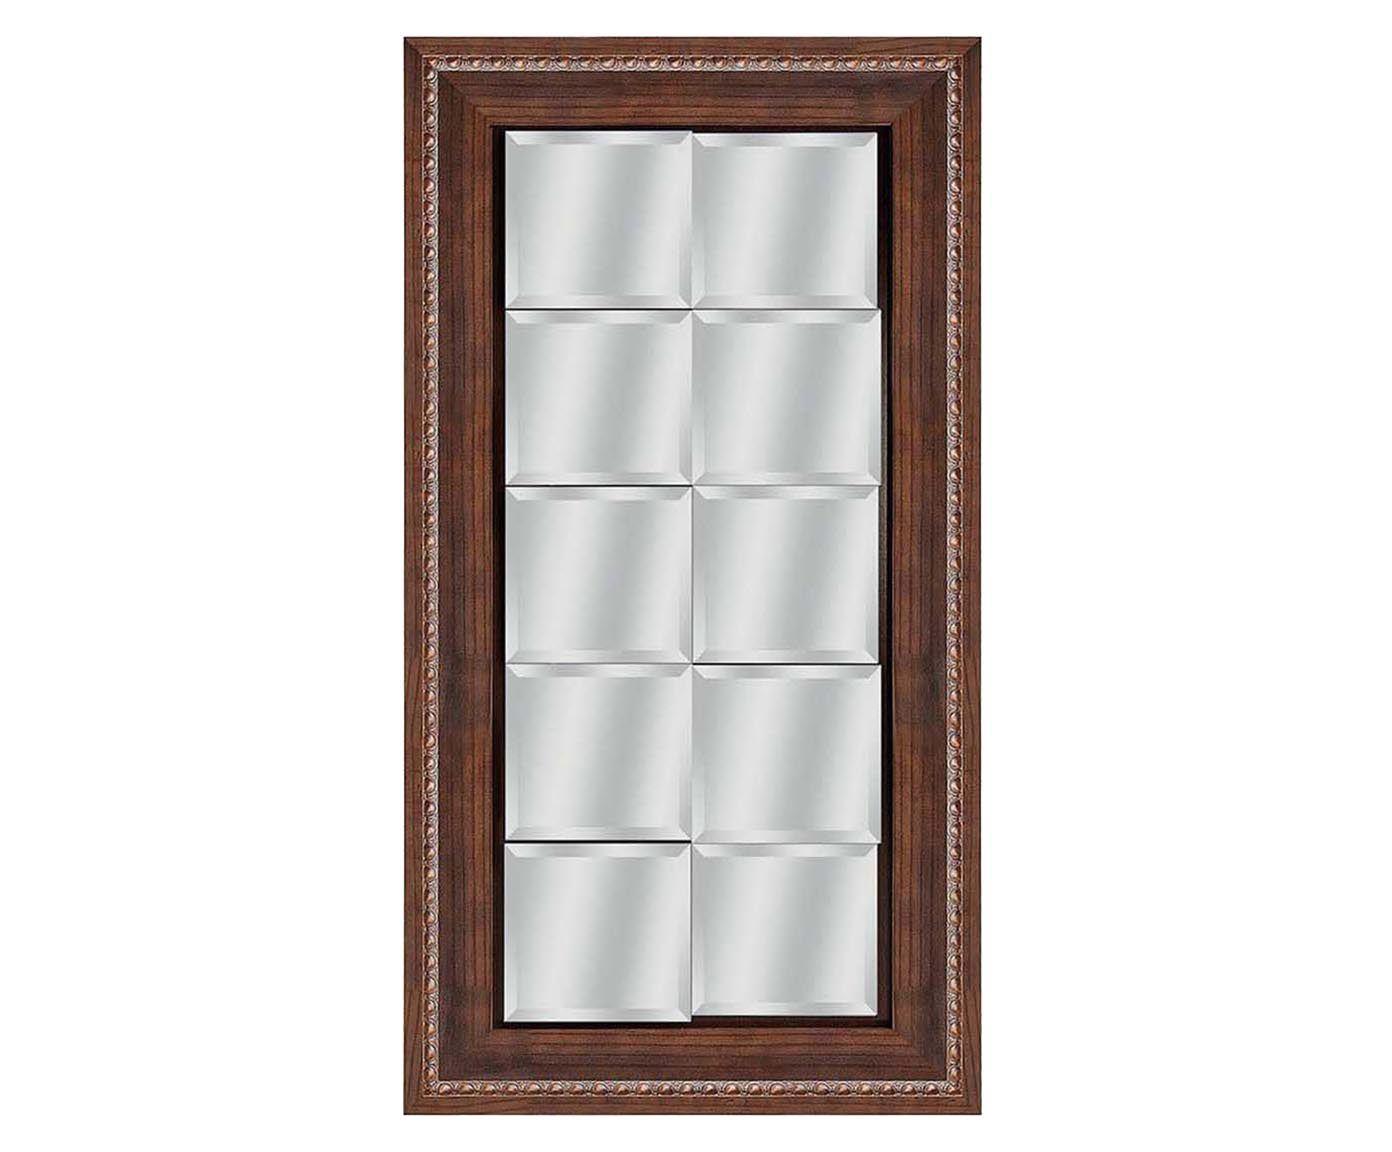 Espelho ravenna - 77x153cm | Westwing.com.br